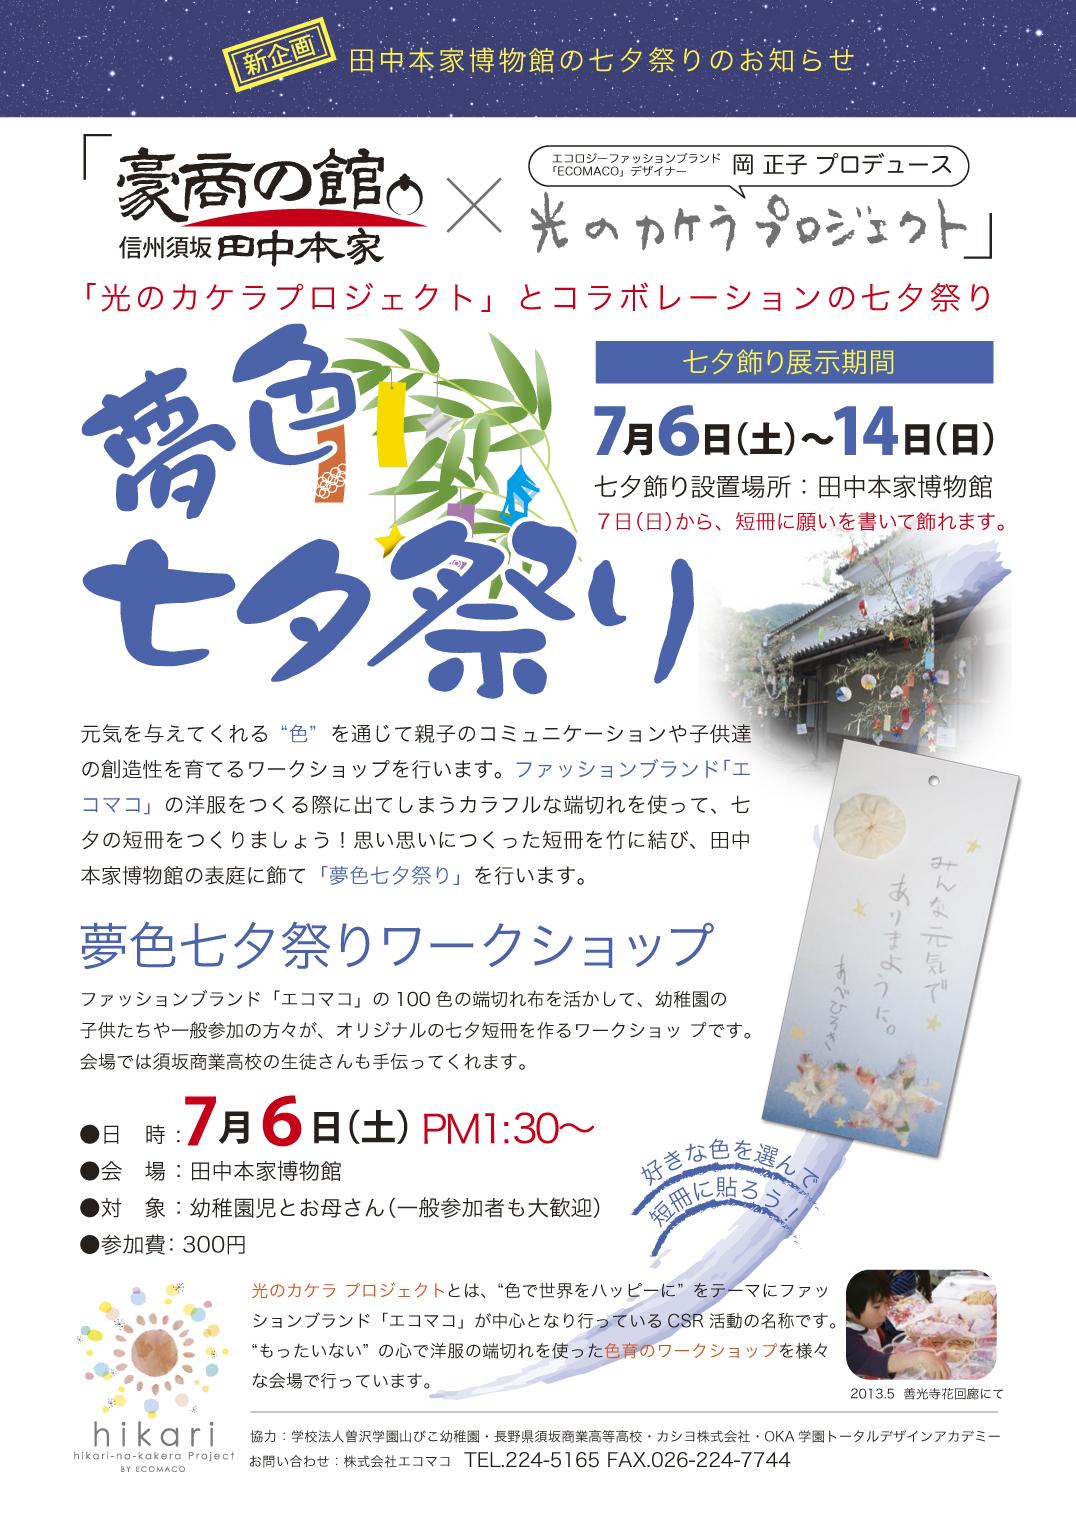 【光のカケラプロジェクト】信州須坂 田中本家博物館にて短冊づくりのワークショップを開催